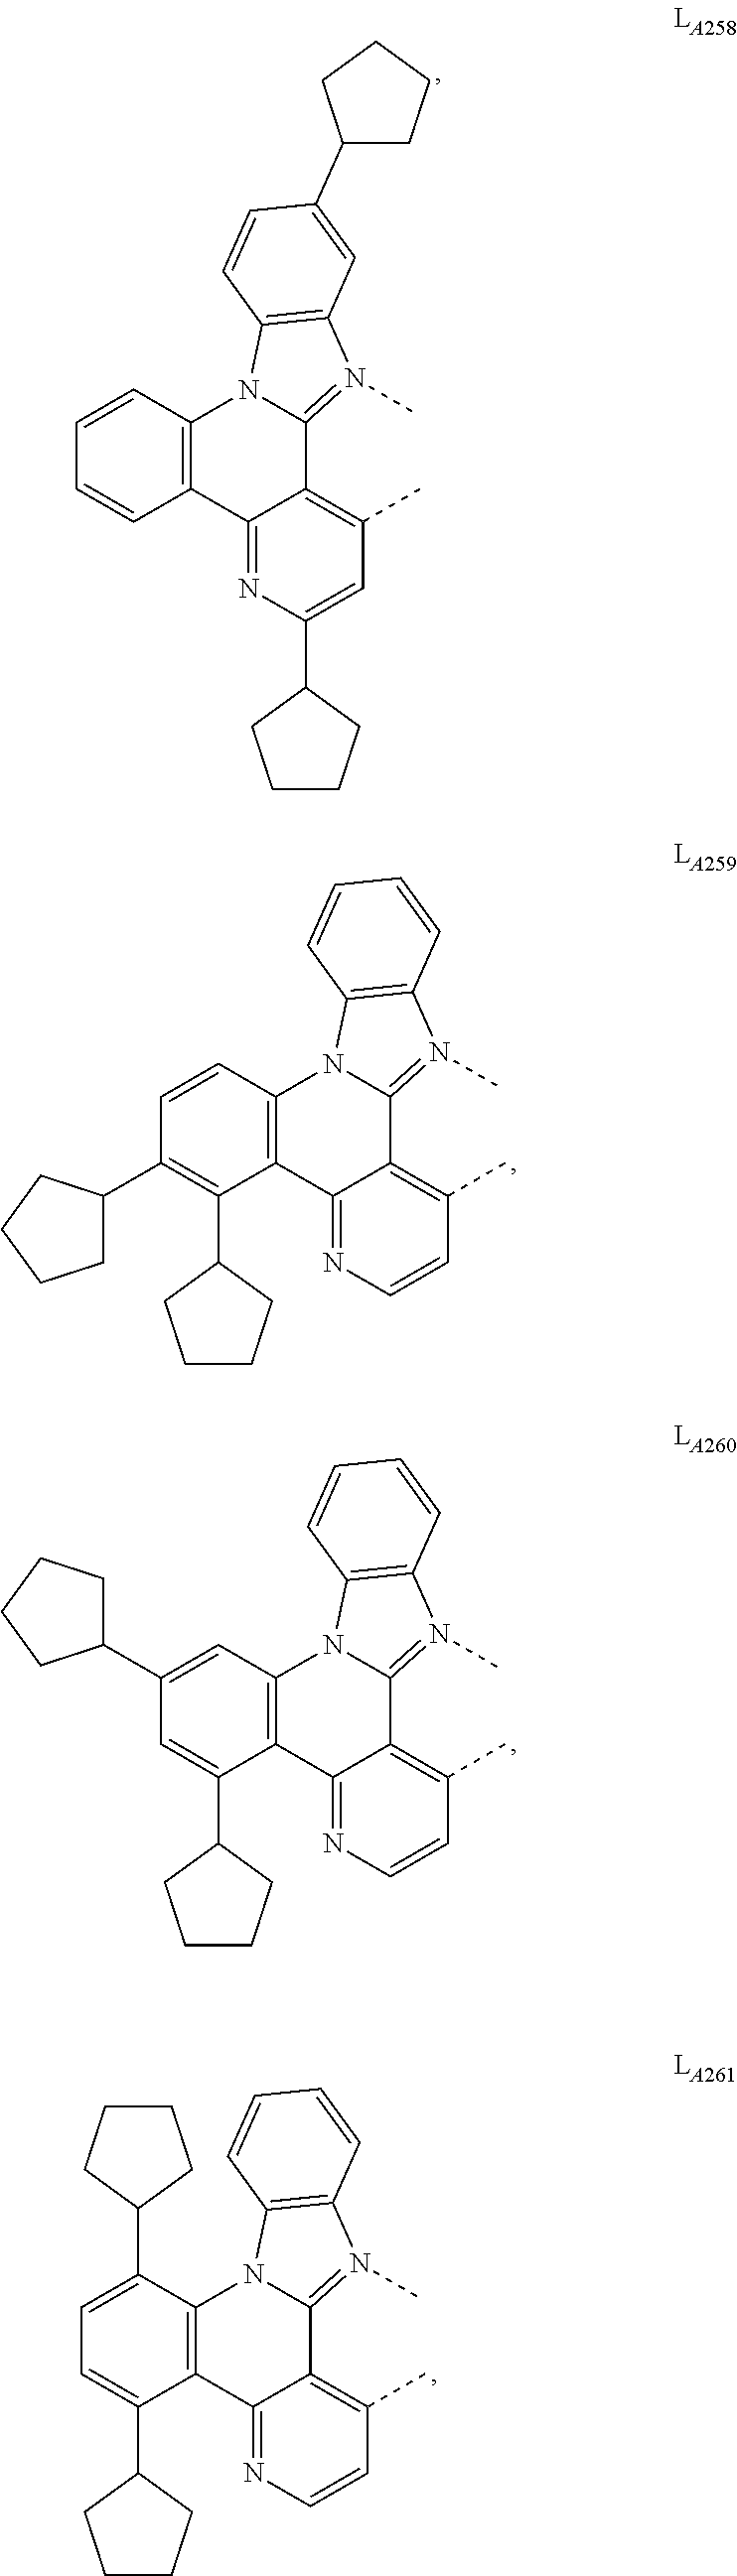 Figure US09905785-20180227-C00085